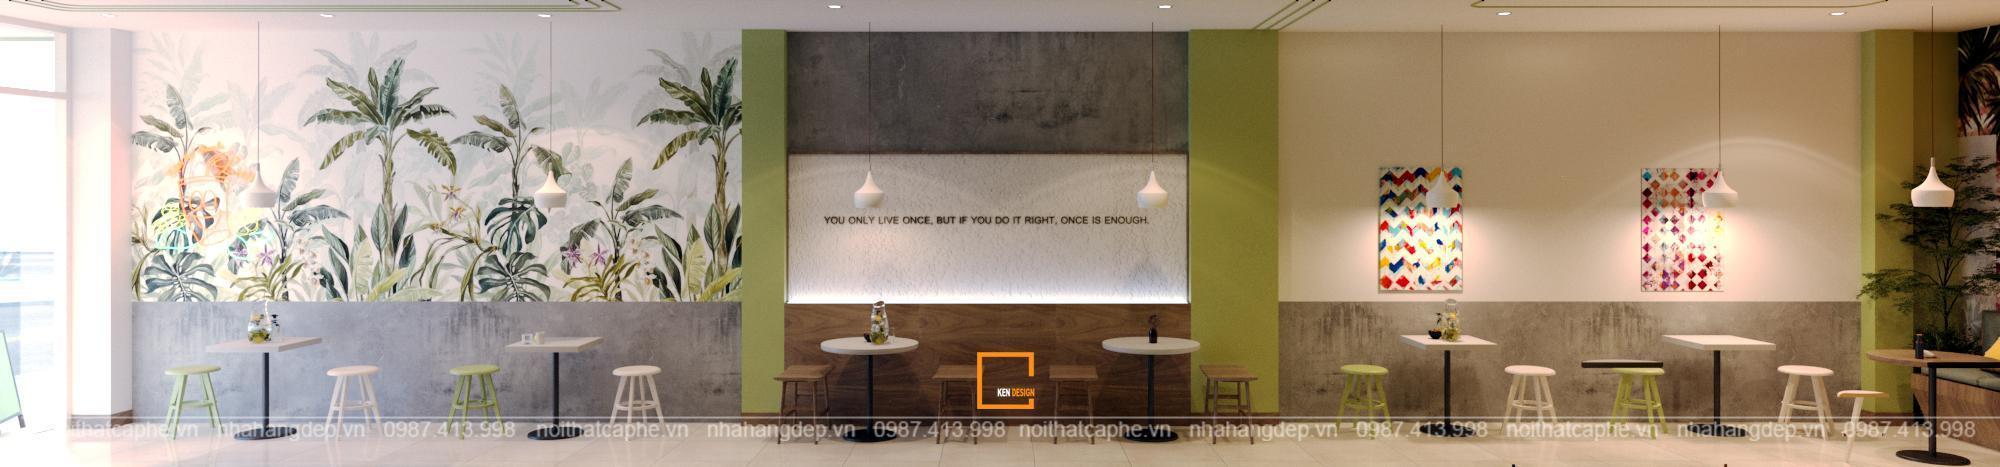 Thiết kế quán trà chanh Luna